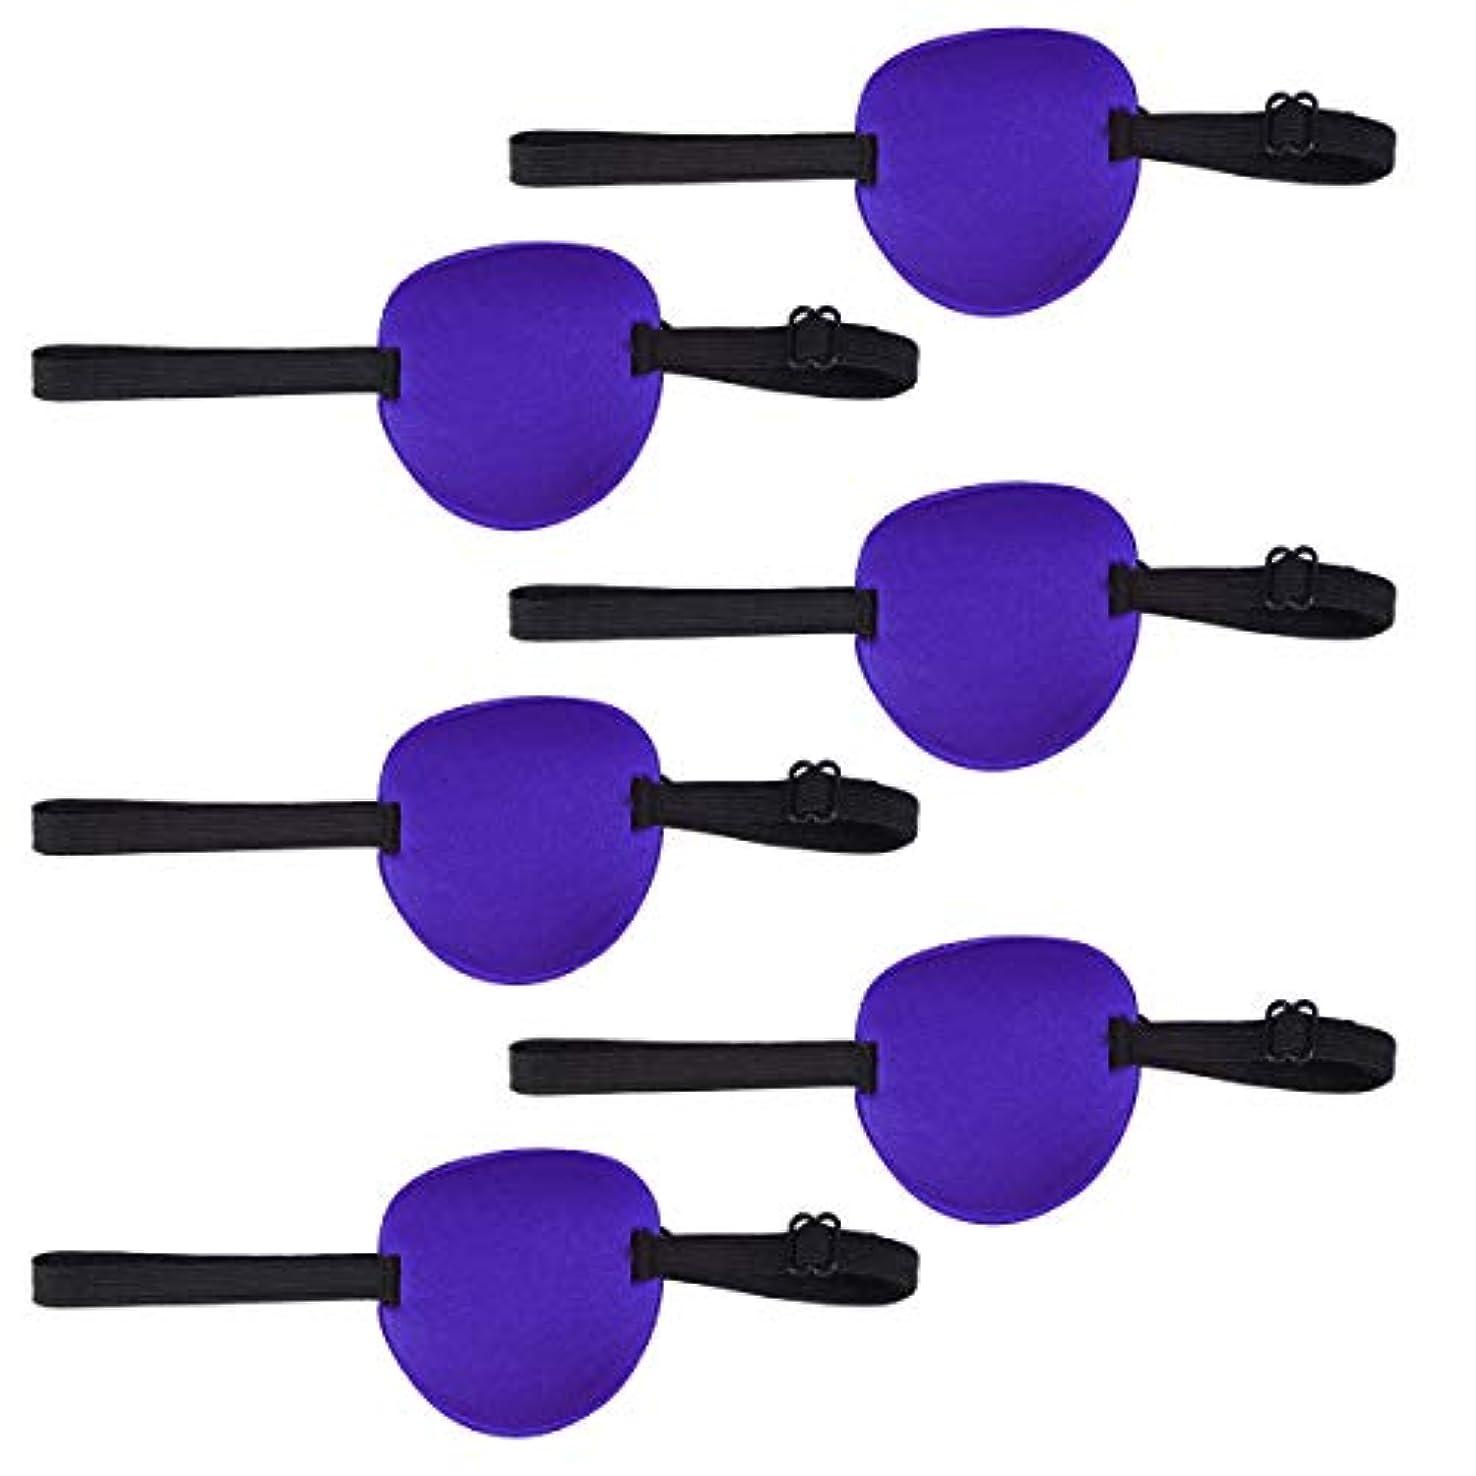 理由信頼できる値Healifty 弱視の目のパッチ大人と子供のための調節可能な弾性バックル付き6個の片目スポンジアイパッチ(ブルー)